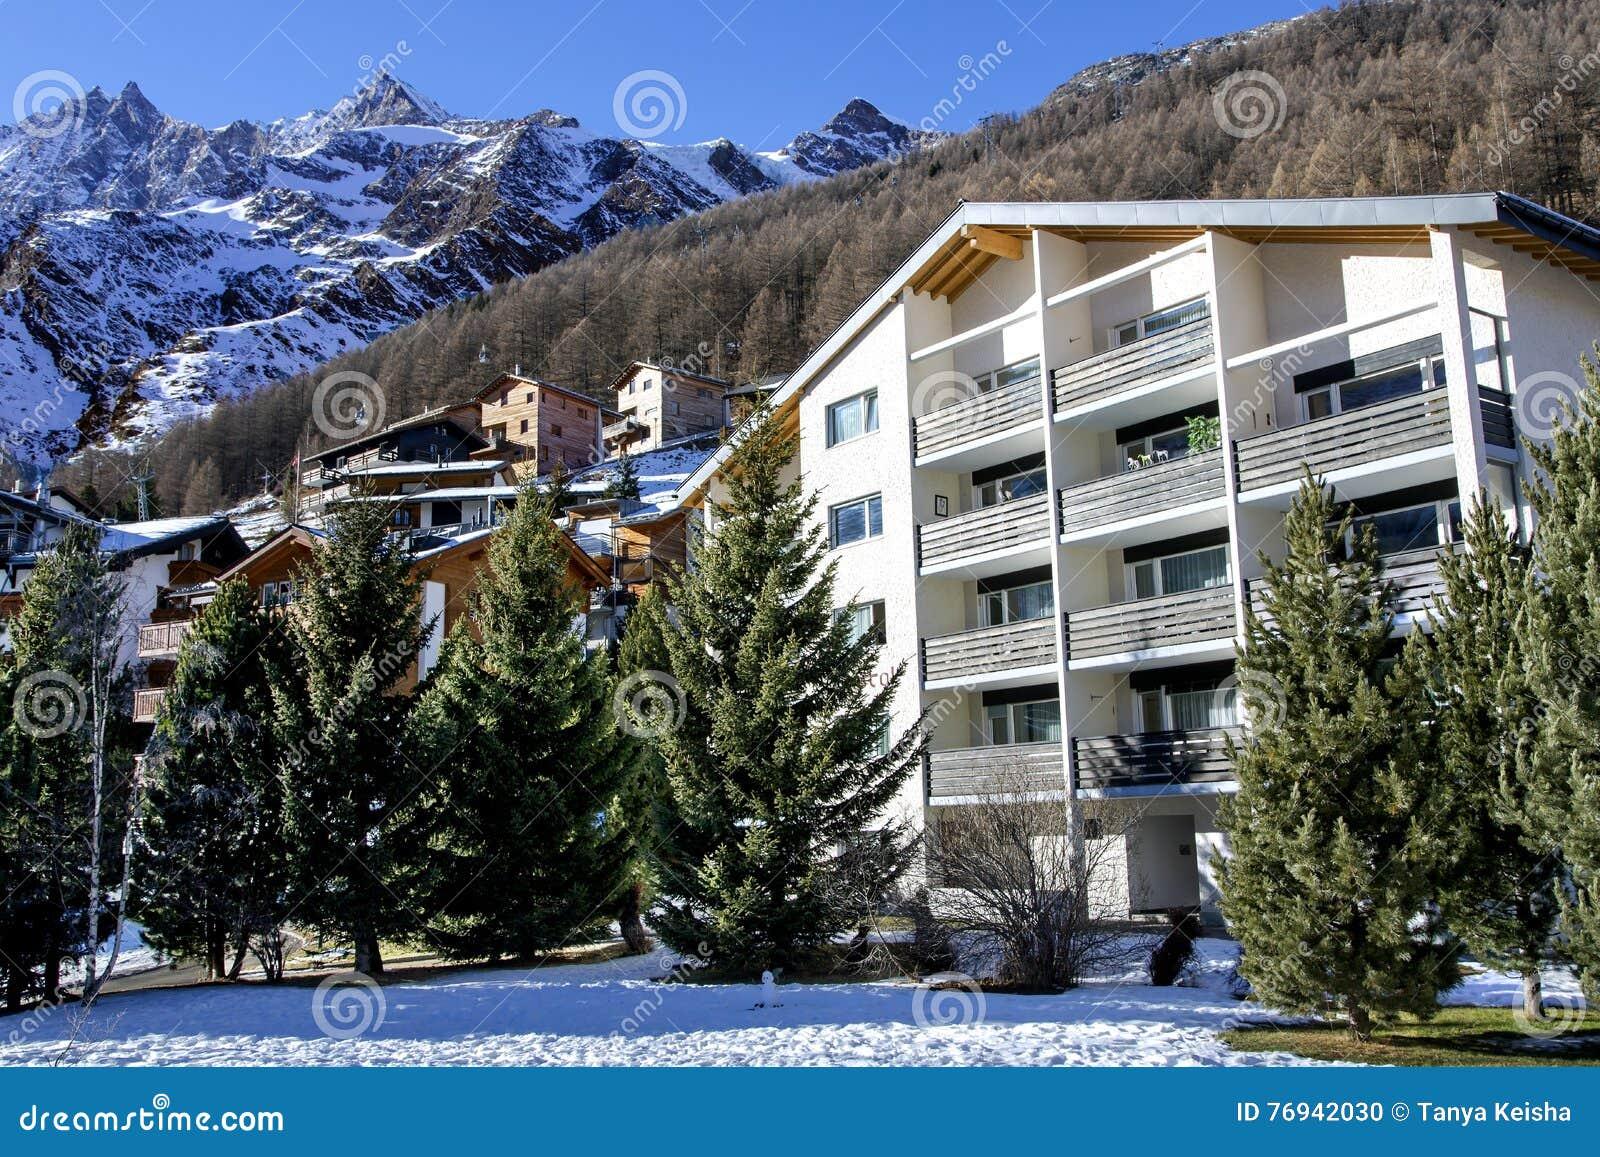 Hotel Moderni Nella Località Di Soggiorno Svizzera Affascinante ...